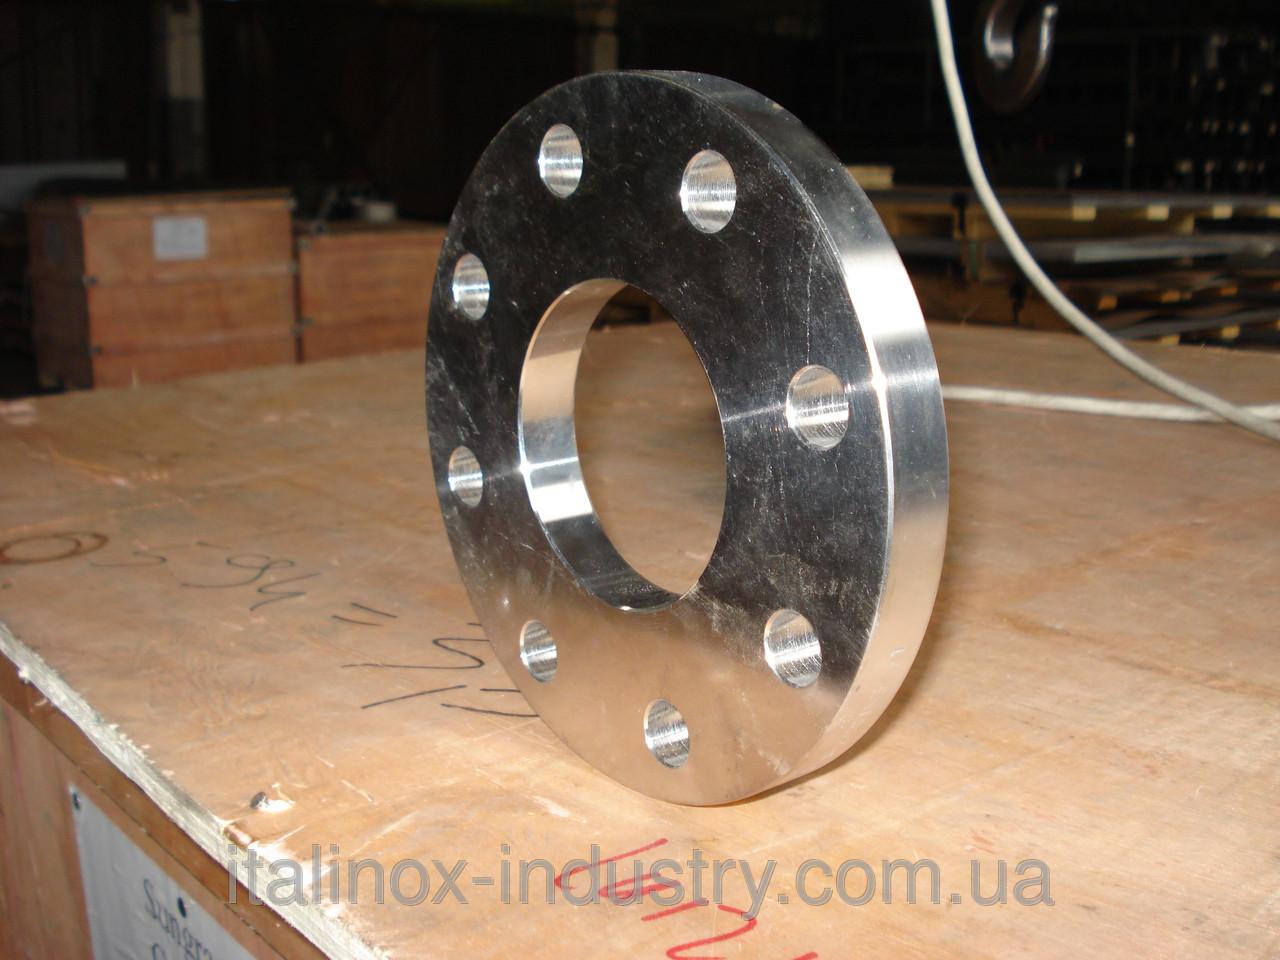 Нержавеющий фланец DN 200 Ру = 16 (Труба 219,1 мм)